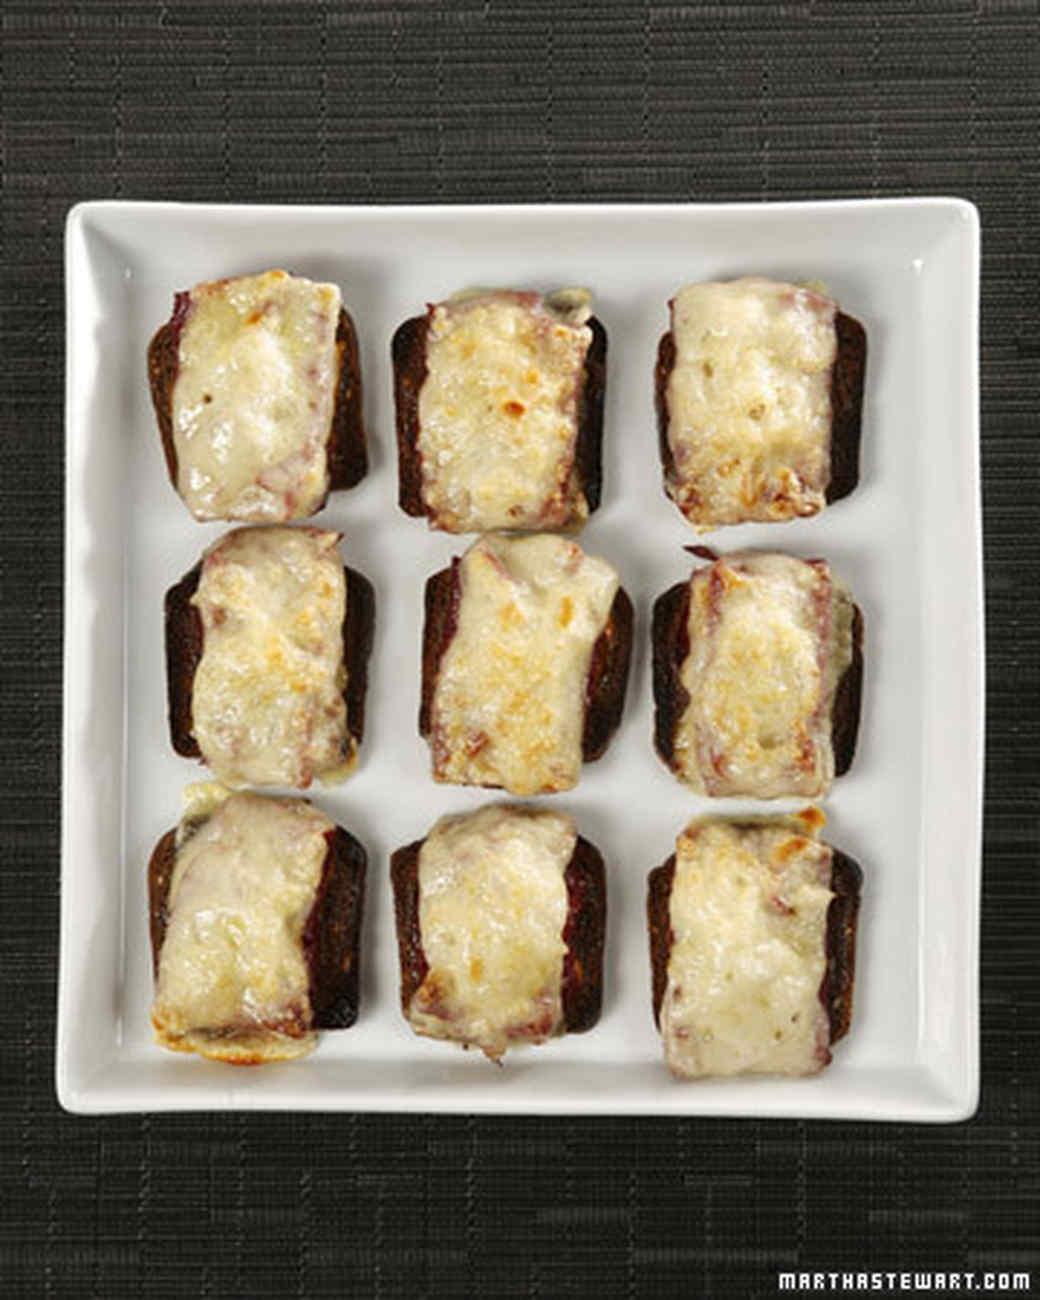 2095_recipe_sandwiches